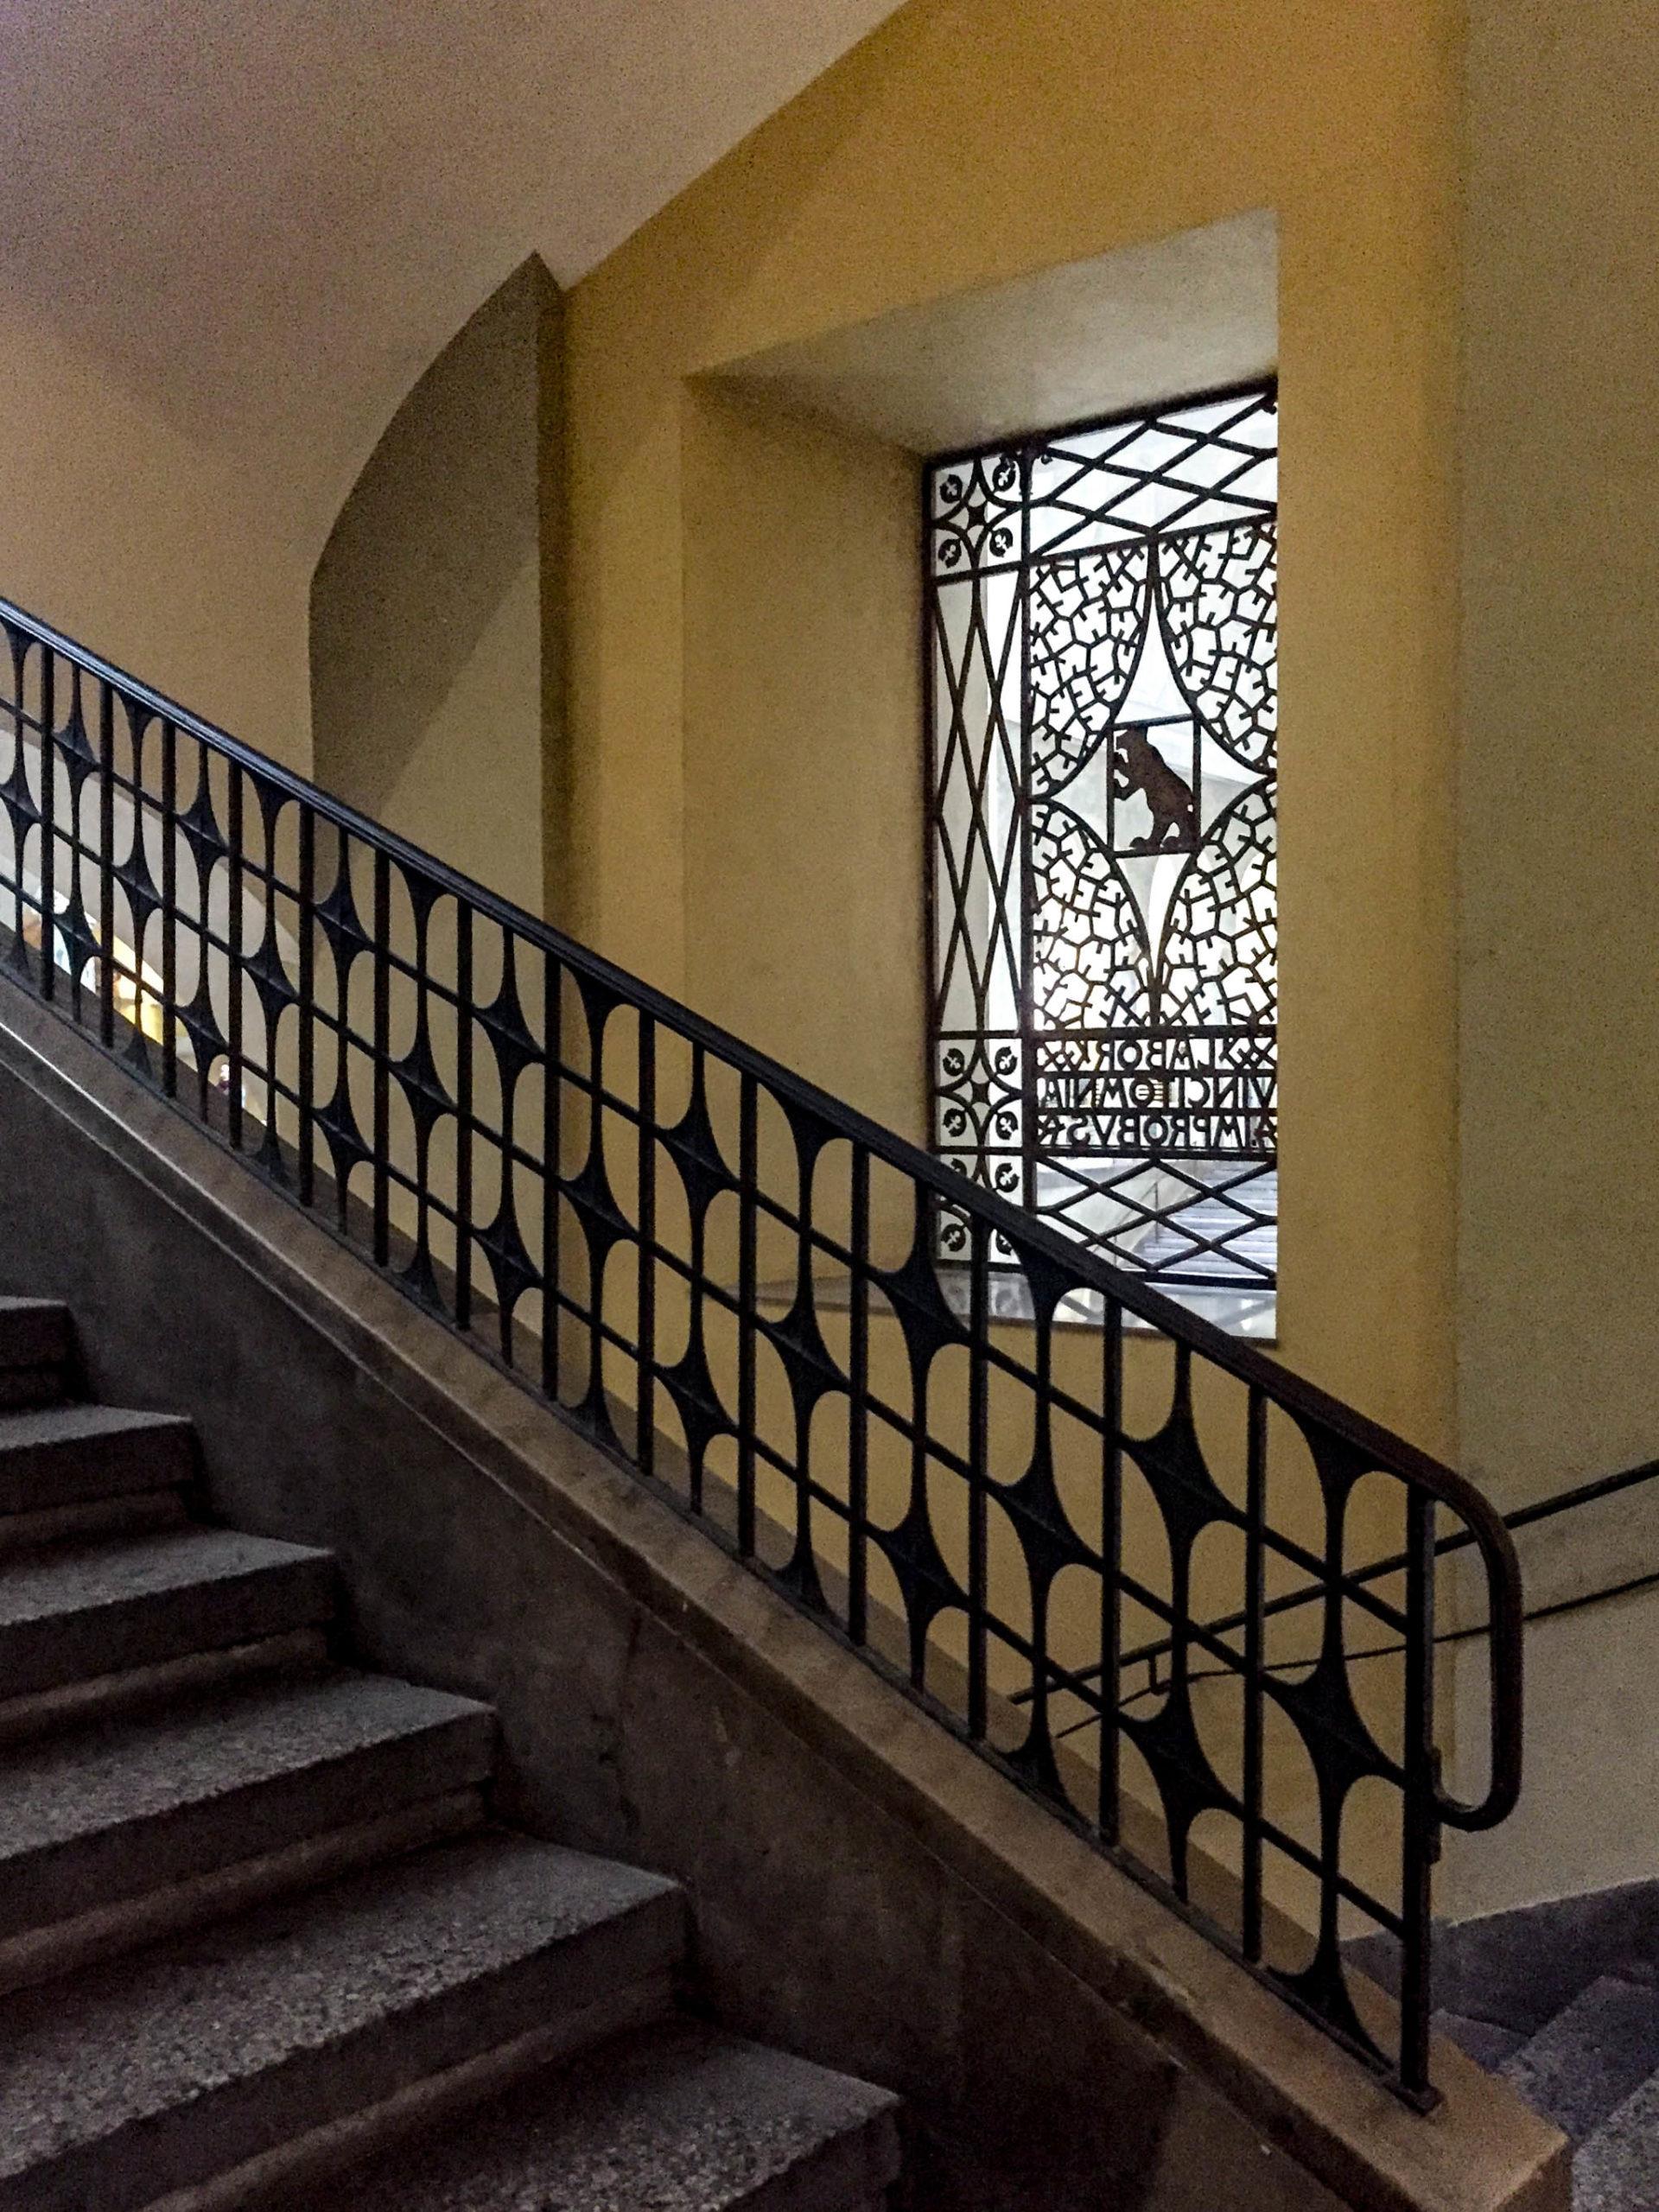 Erweiterungsbau der LMU, 1906-1910. Architekt: German Bestelmeyer